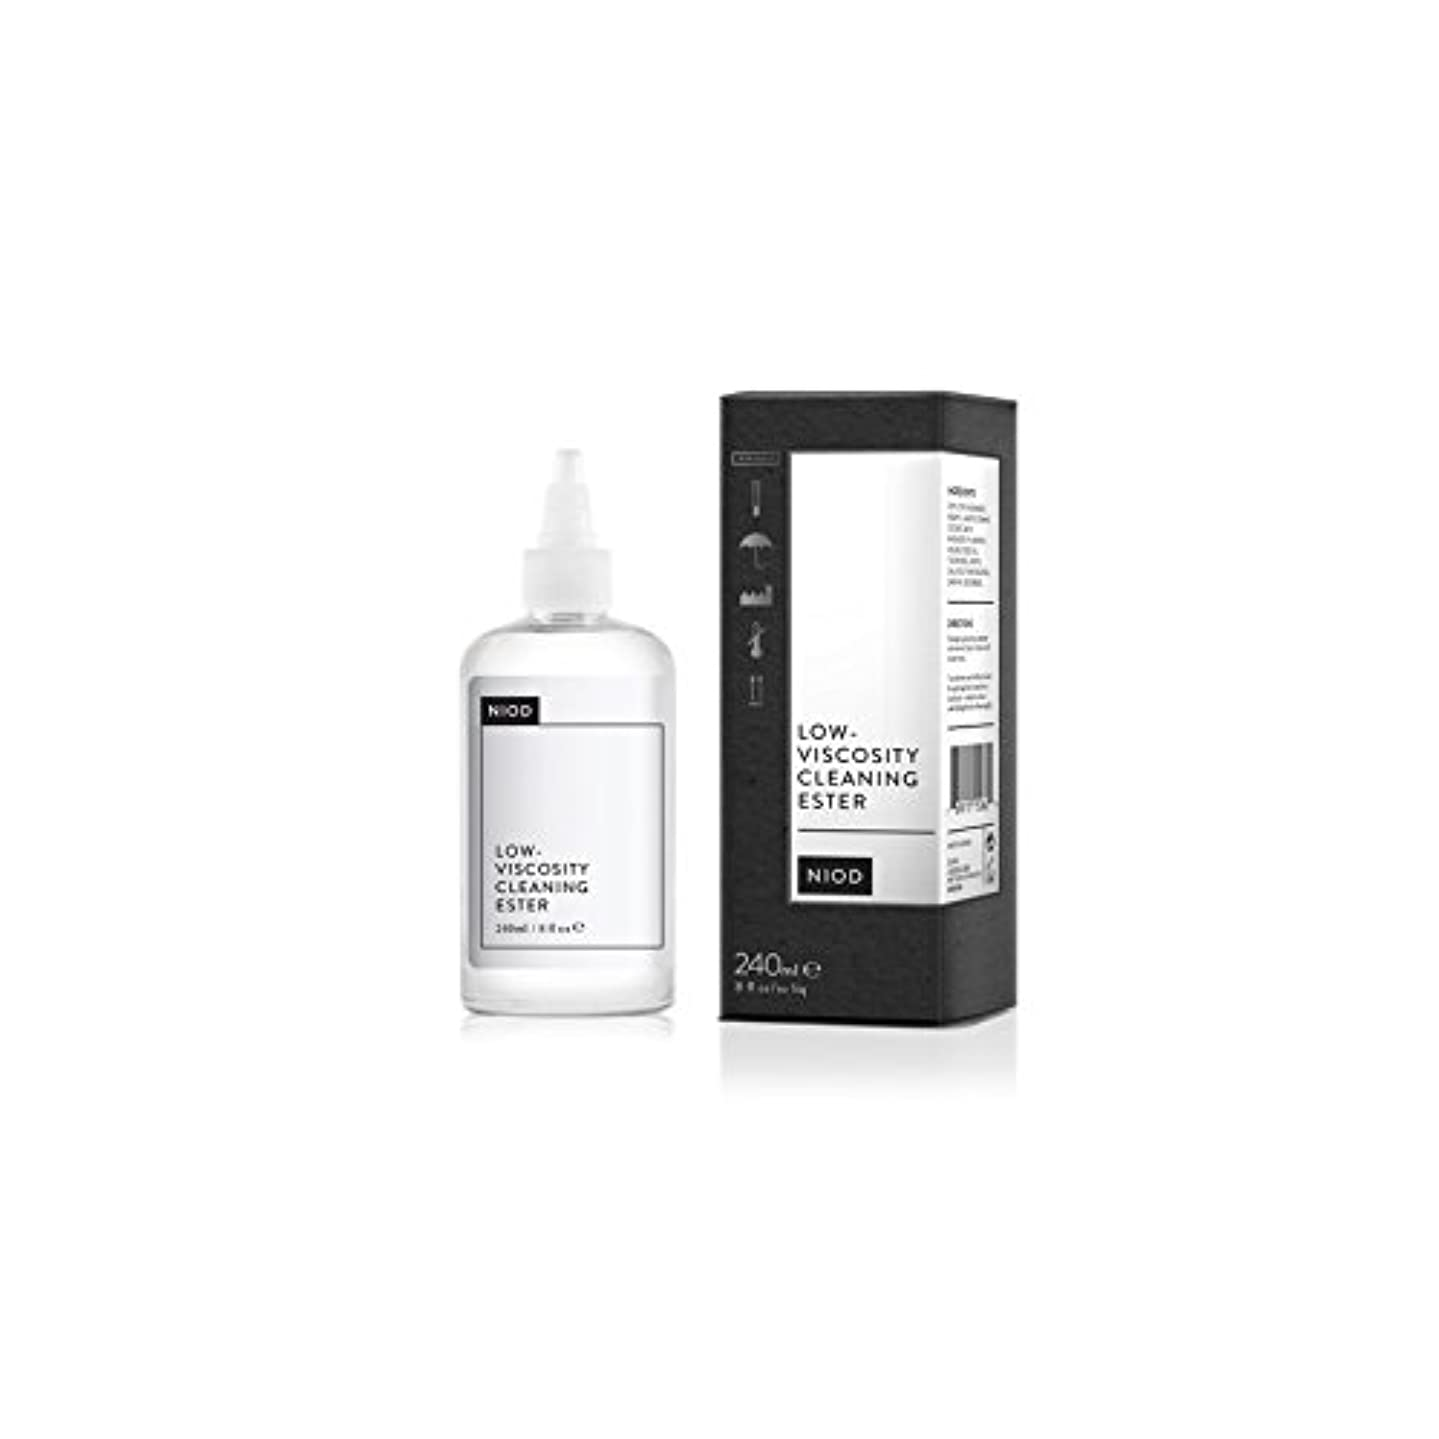 歴史的奨学金共同選択低粘度のクリーニングエステル(240ミリリットル) x2 - Niod Low-Viscosity Cleaning Ester (240ml) (Pack of 2) [並行輸入品]